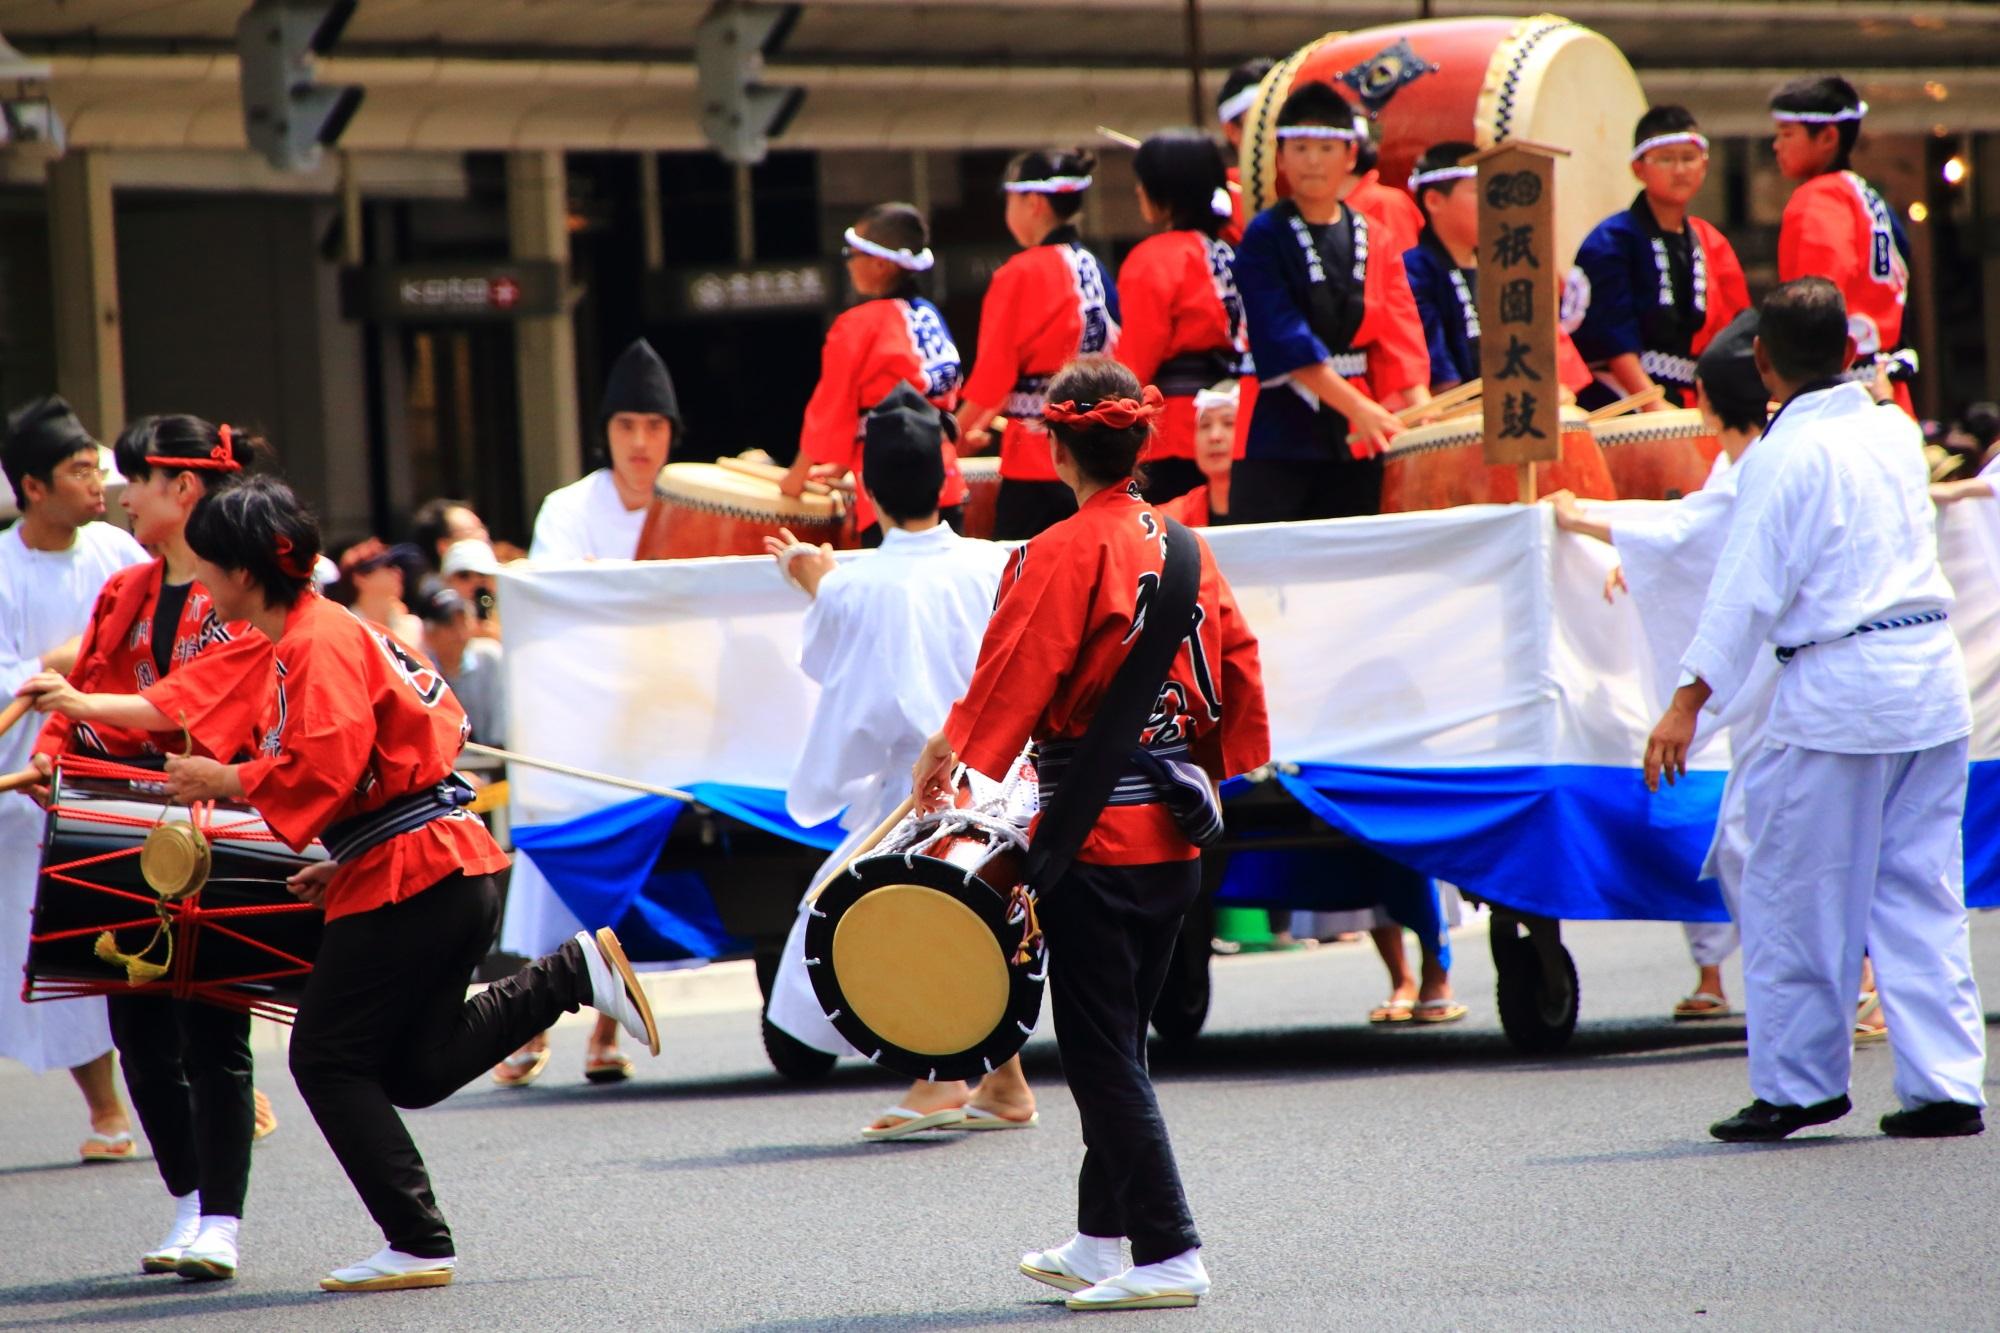 祇園祭の花傘巡行の祇園太鼓